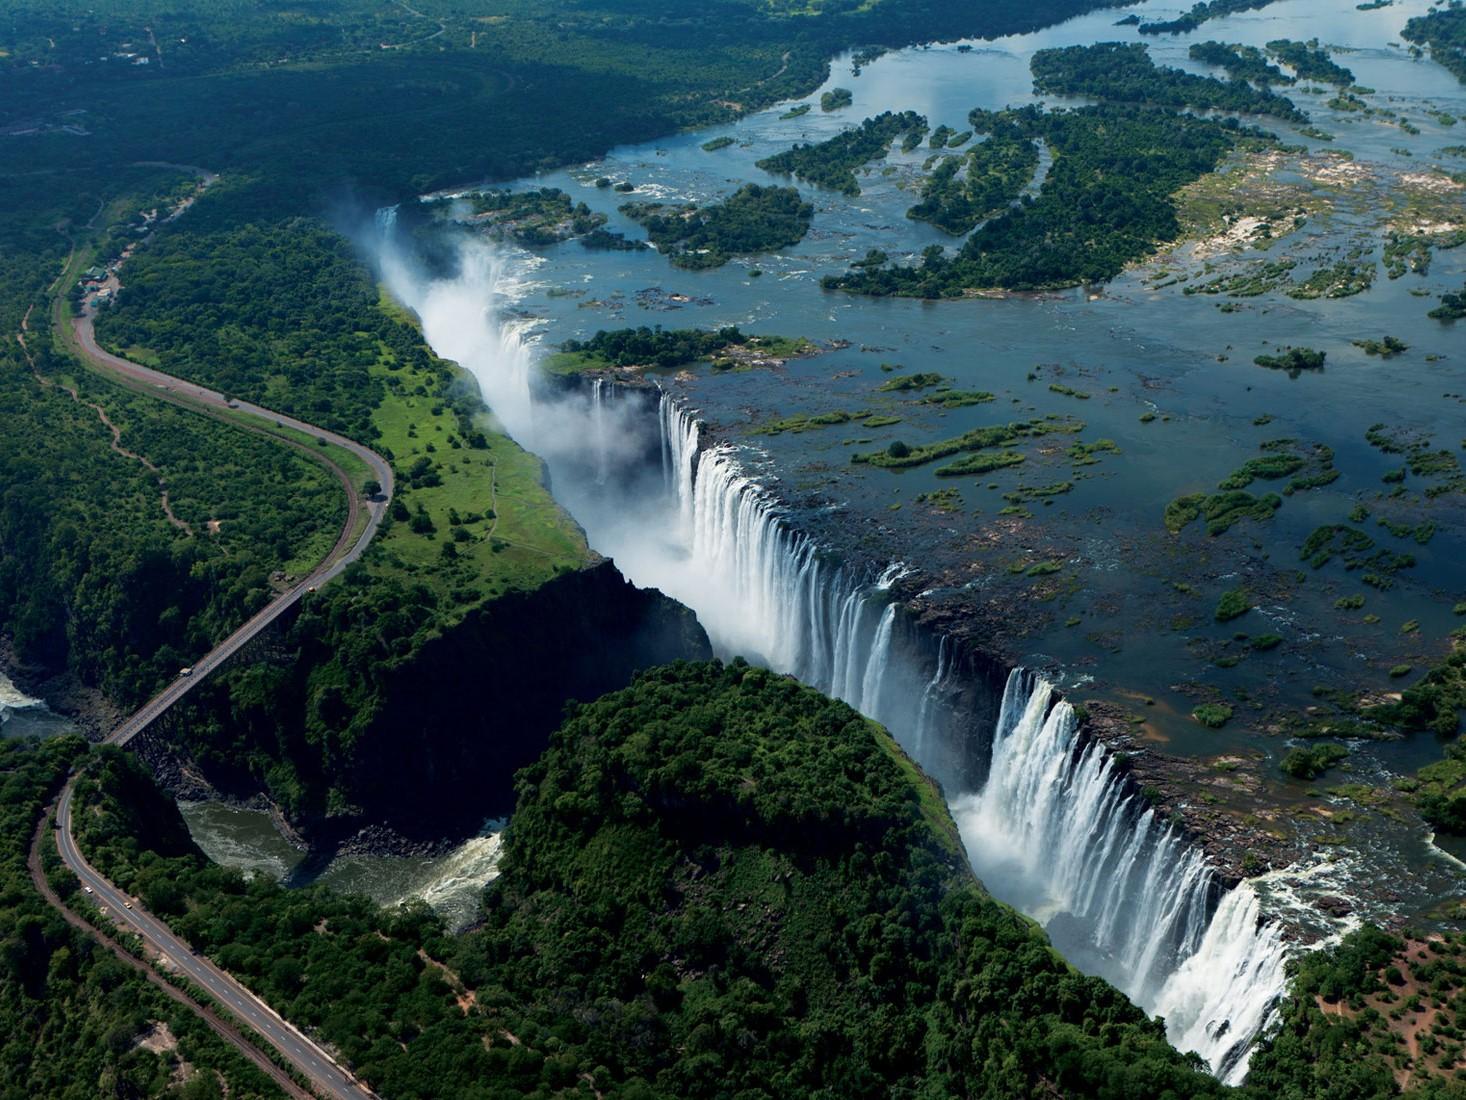 Climi piante e paesaggi dell 39 africa il gusto della natura for Interno delle piantagioni del sud